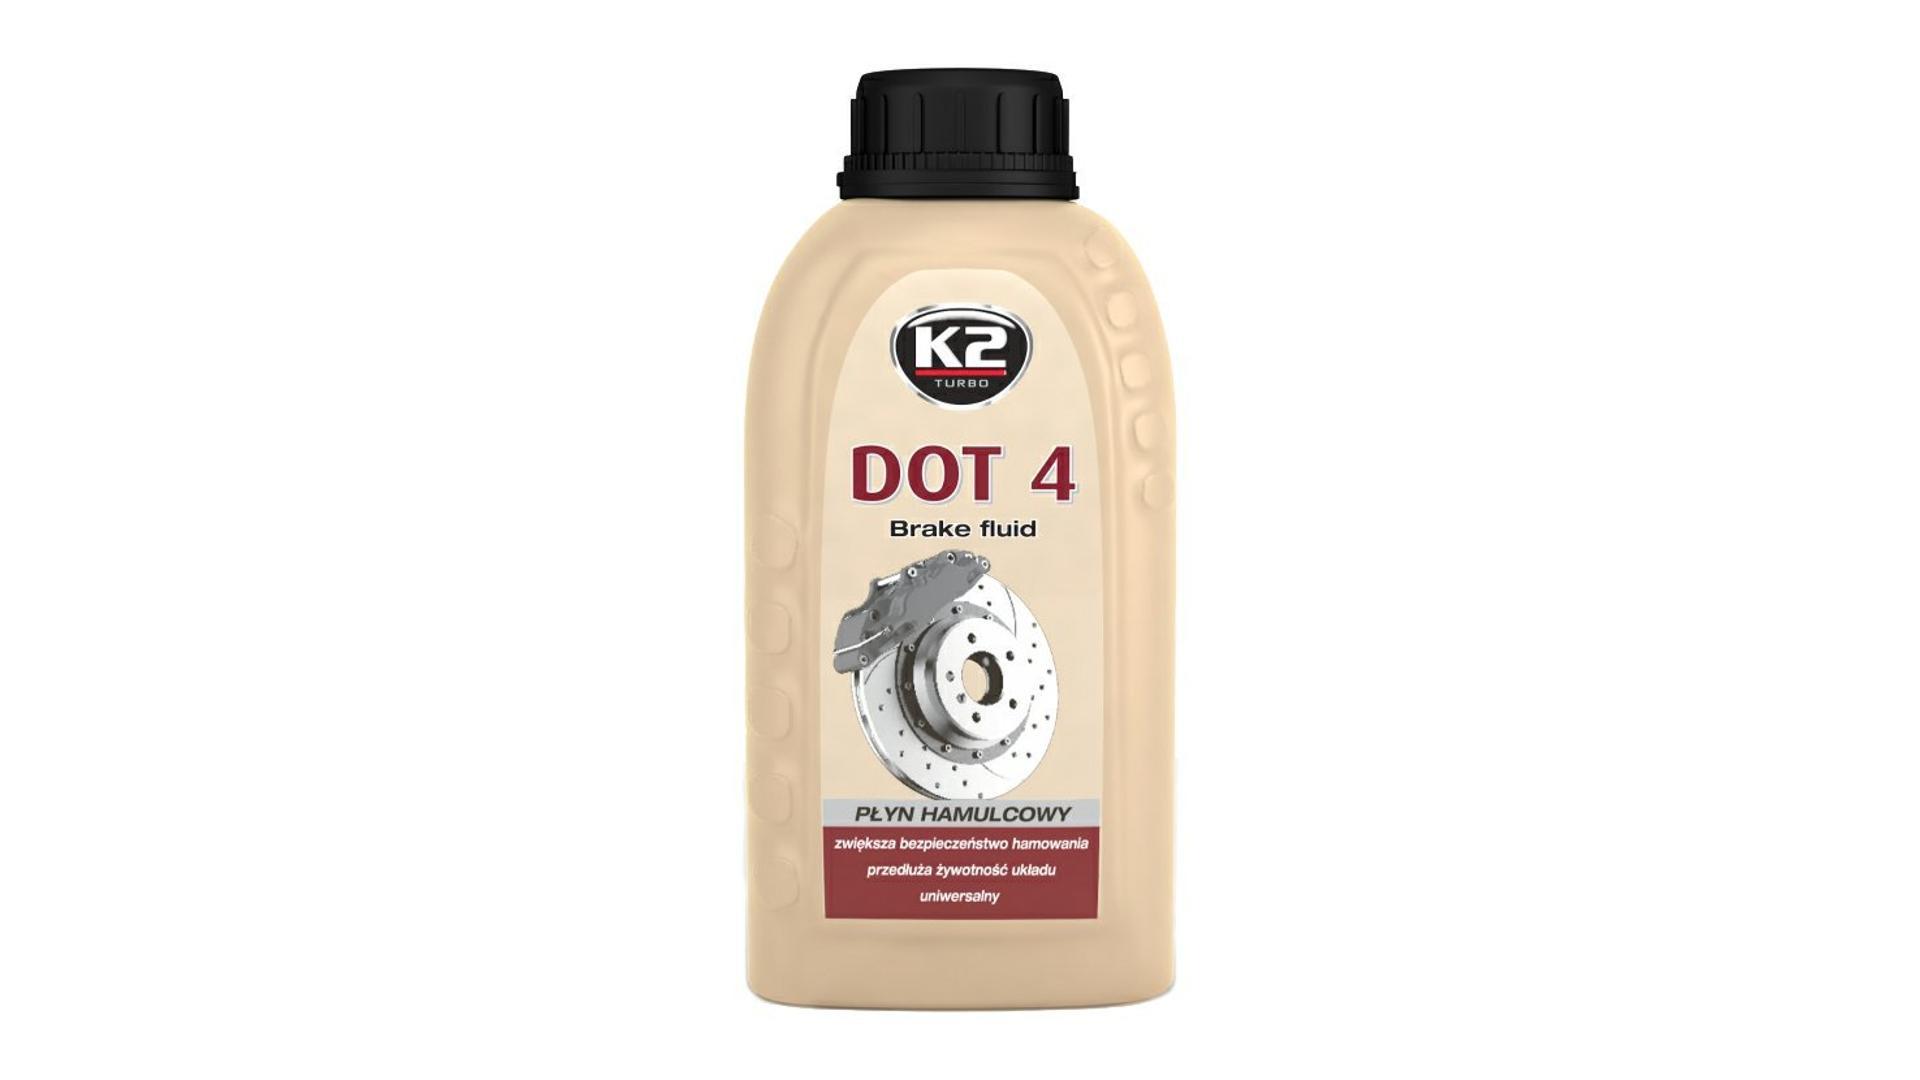 K2 DOT 4 - 250 ml - brzdová kvapalina